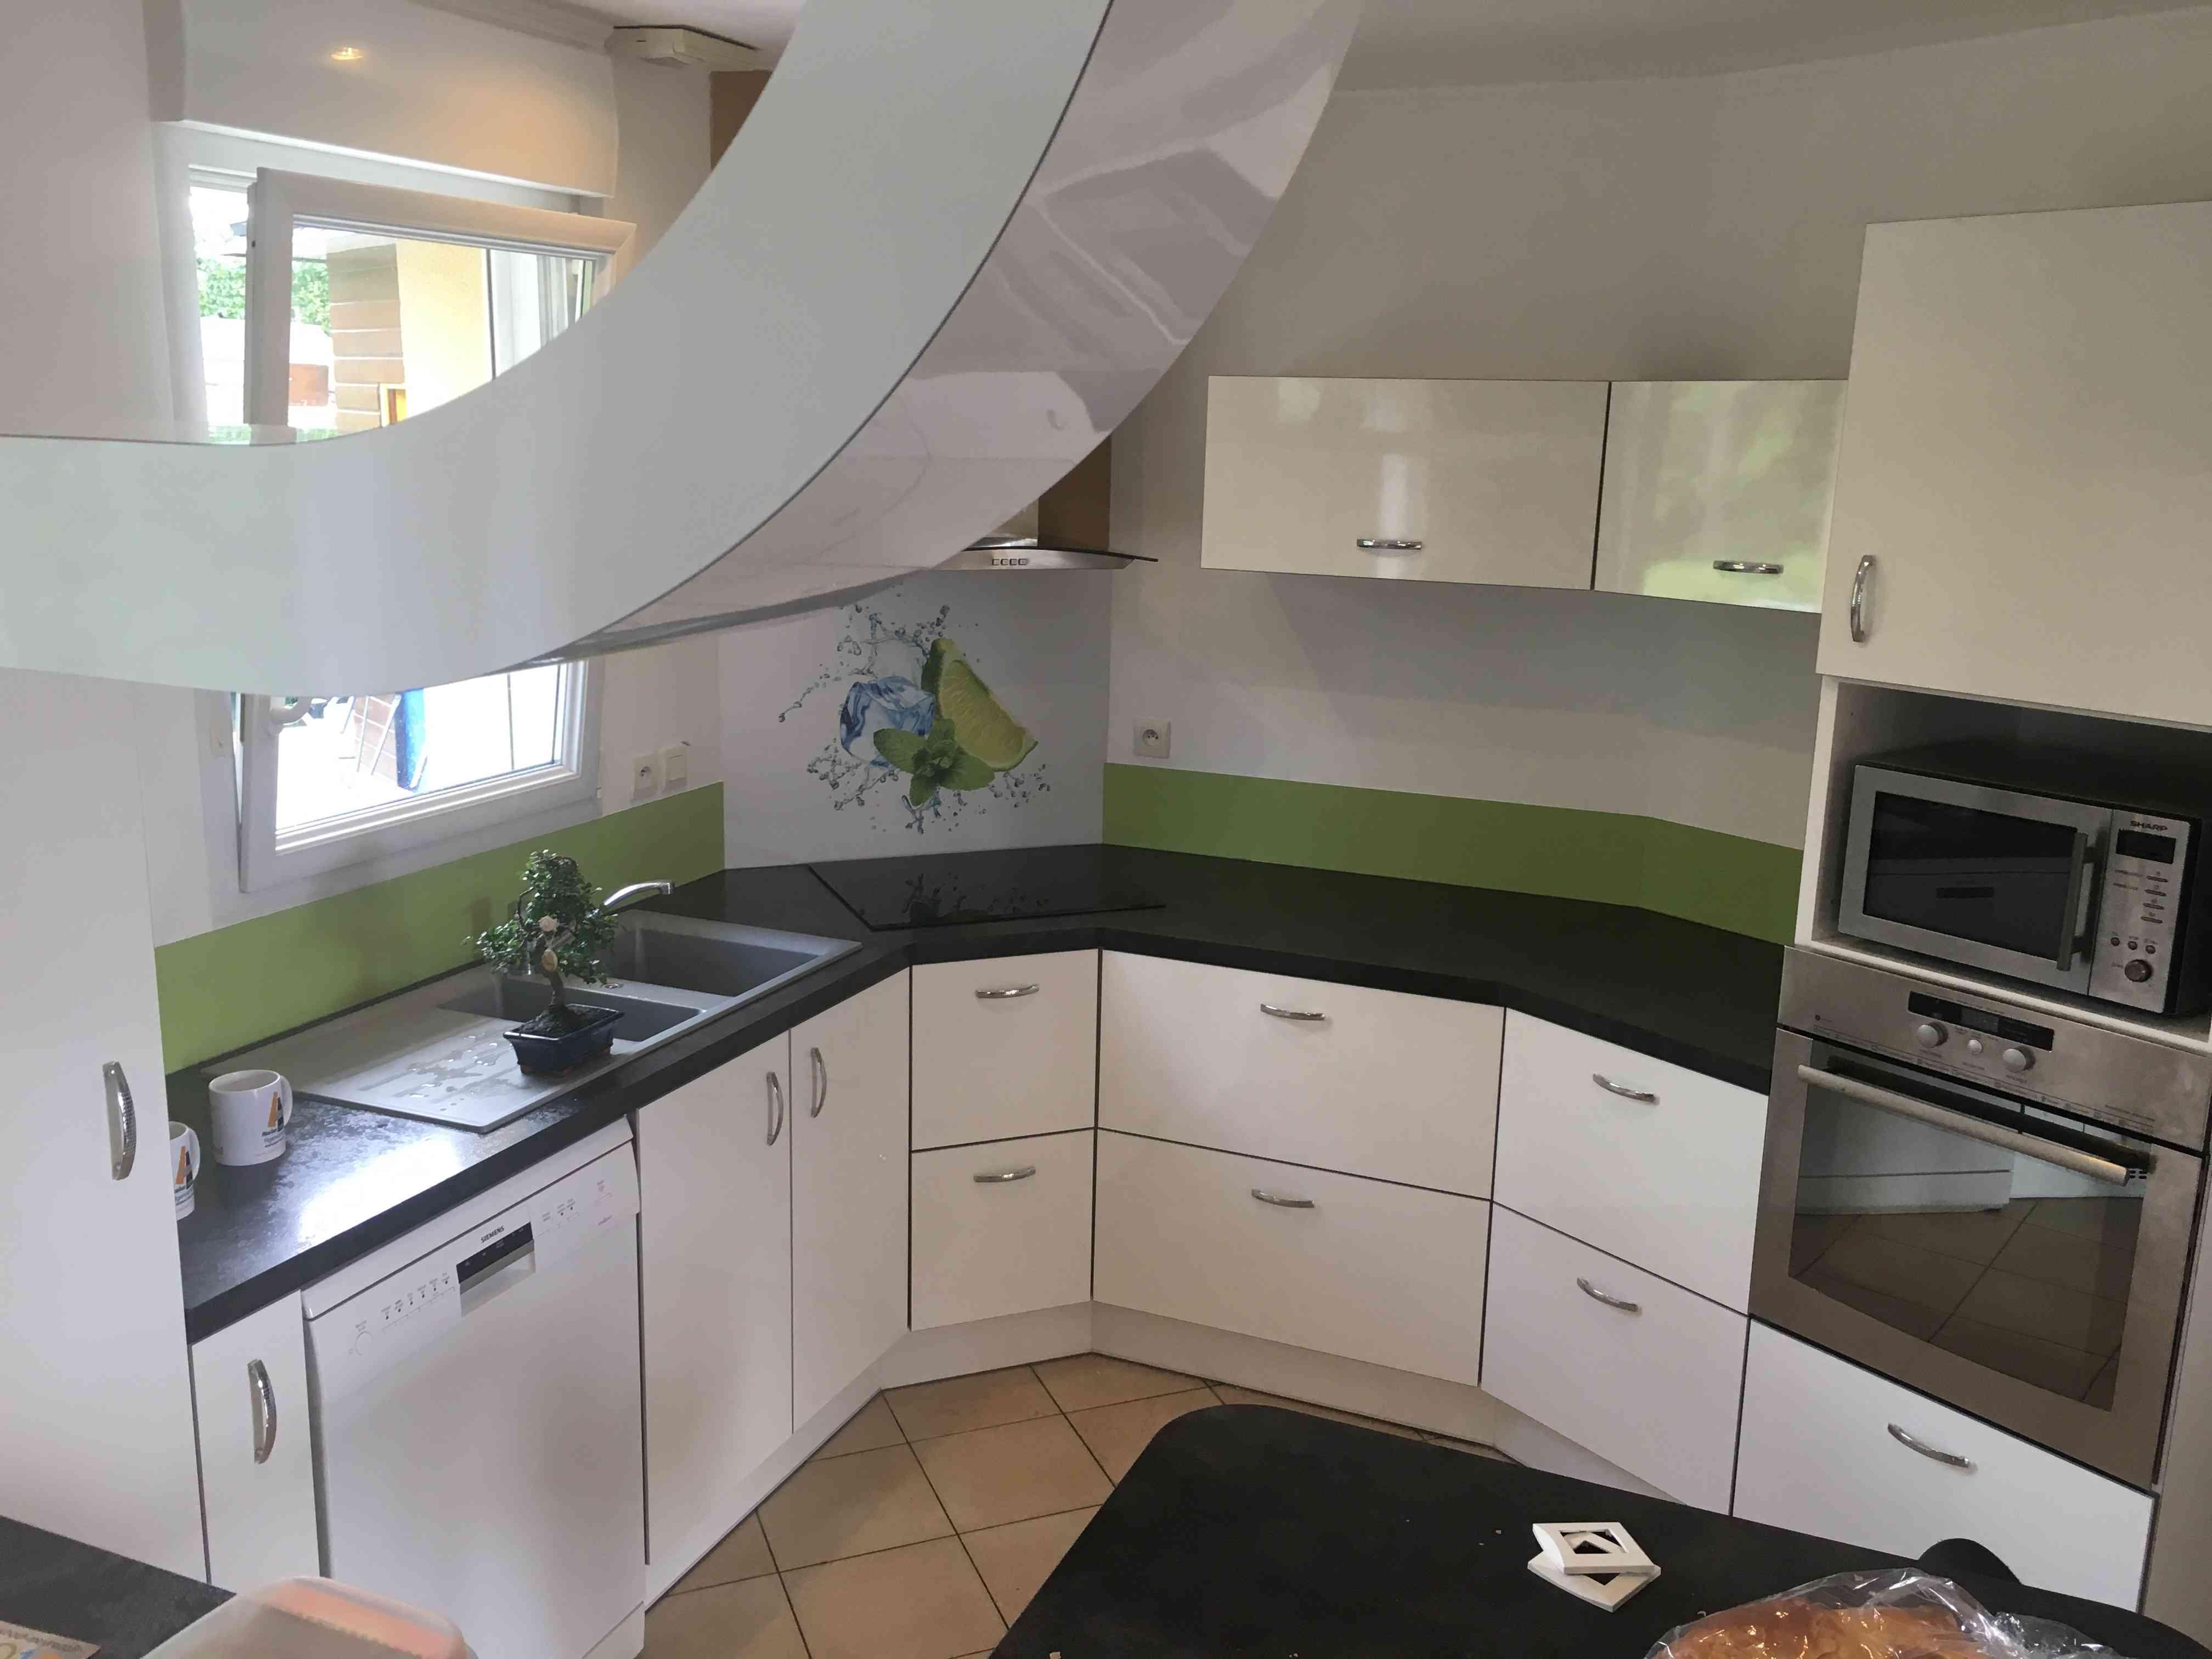 IMG 5675 - Cuisine blanche crédence verte avec décor Morito et décoration aérienne